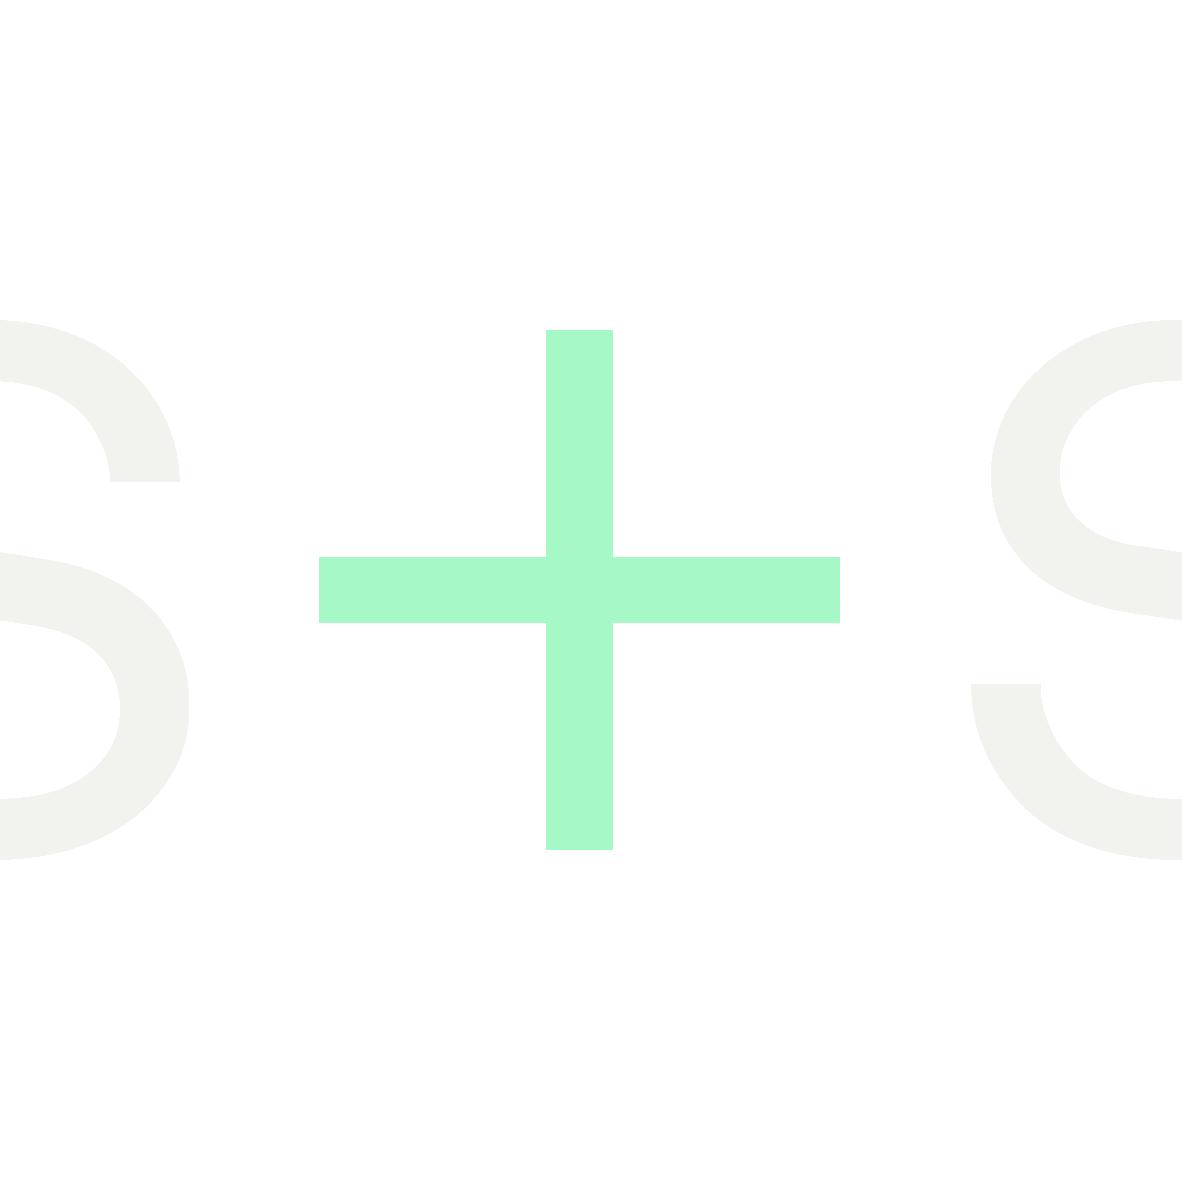 fg_sanssamling_logo_rgb_negativ_1_